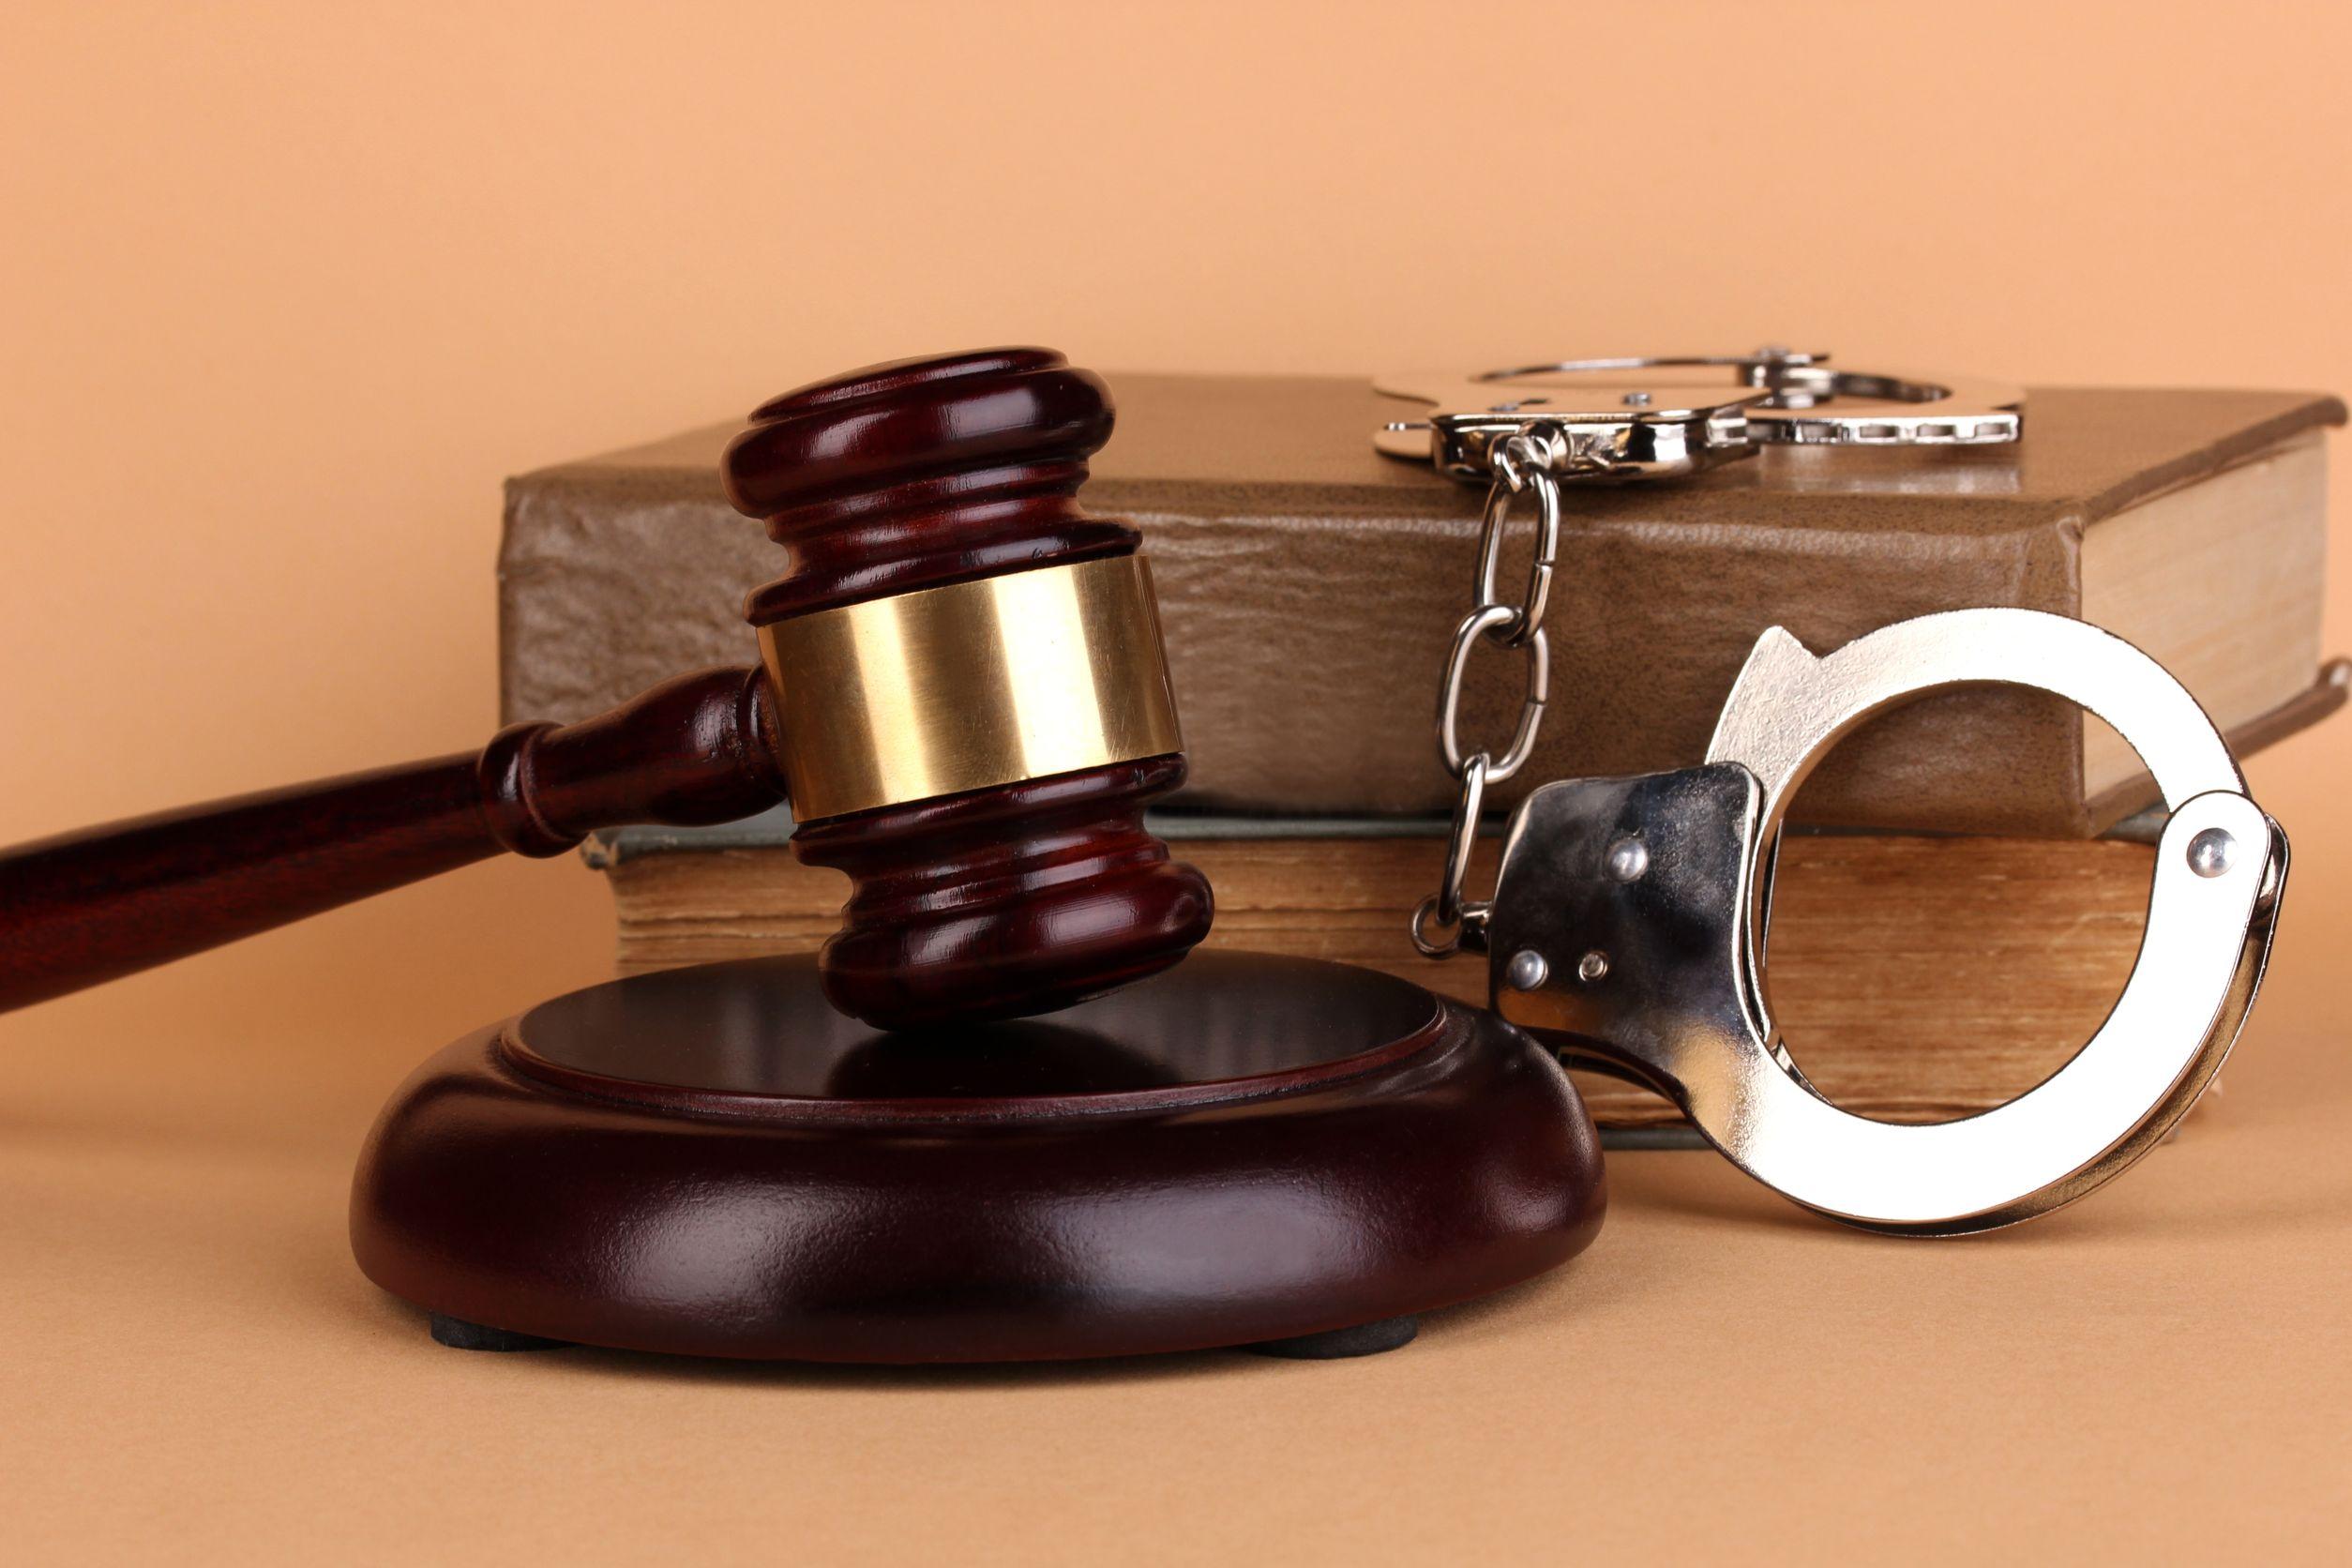 رفع مسئولیت کیفری بر اثر جهل حکمی